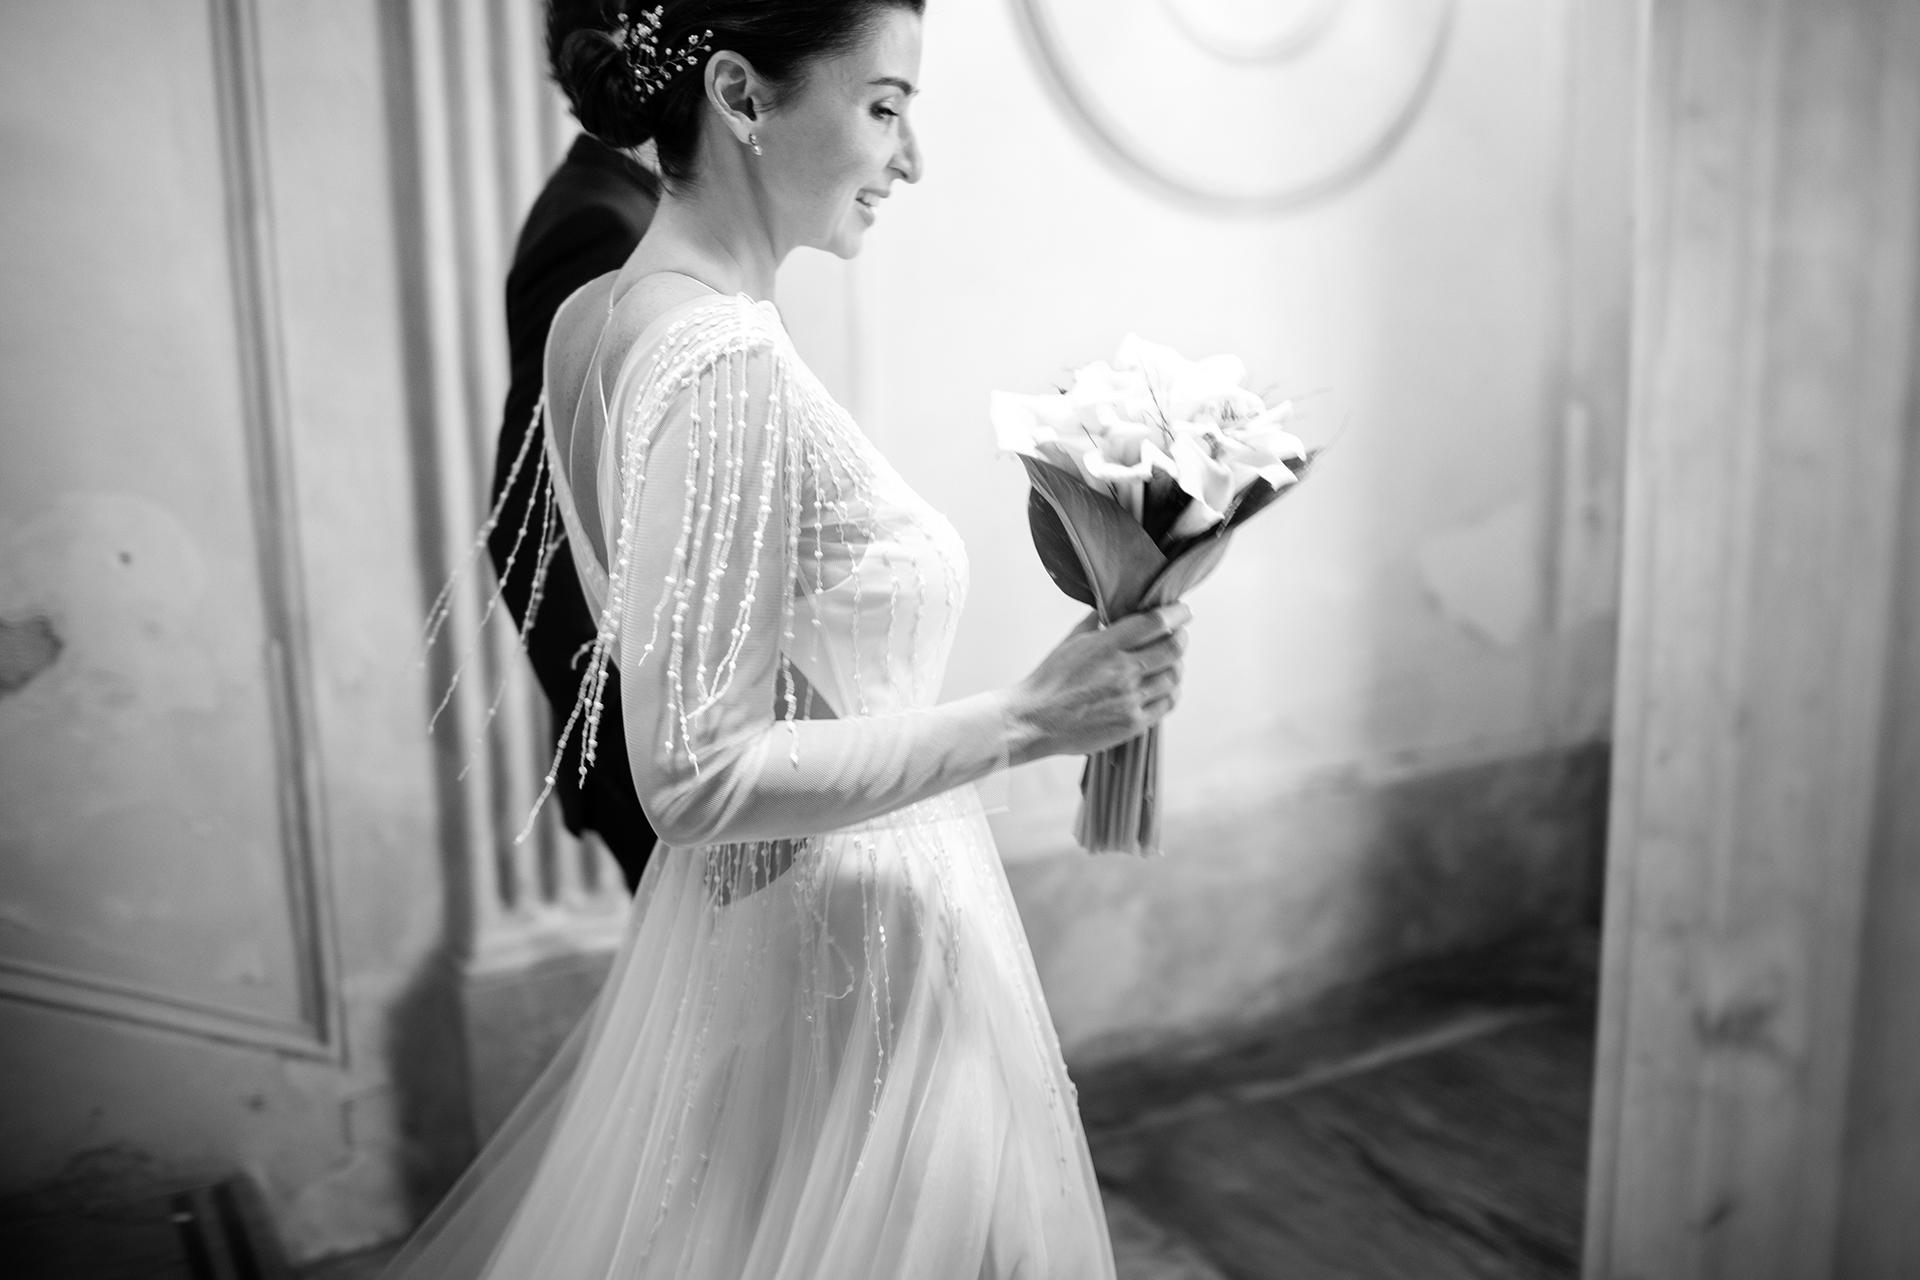 Trapani, Sicilië, Italië Bruiloft schaking bruid en bruidegom afbeelding | Het opgewonden gezicht van de bruid die met haar man in Trapani loopt in deze zwart-witfoto